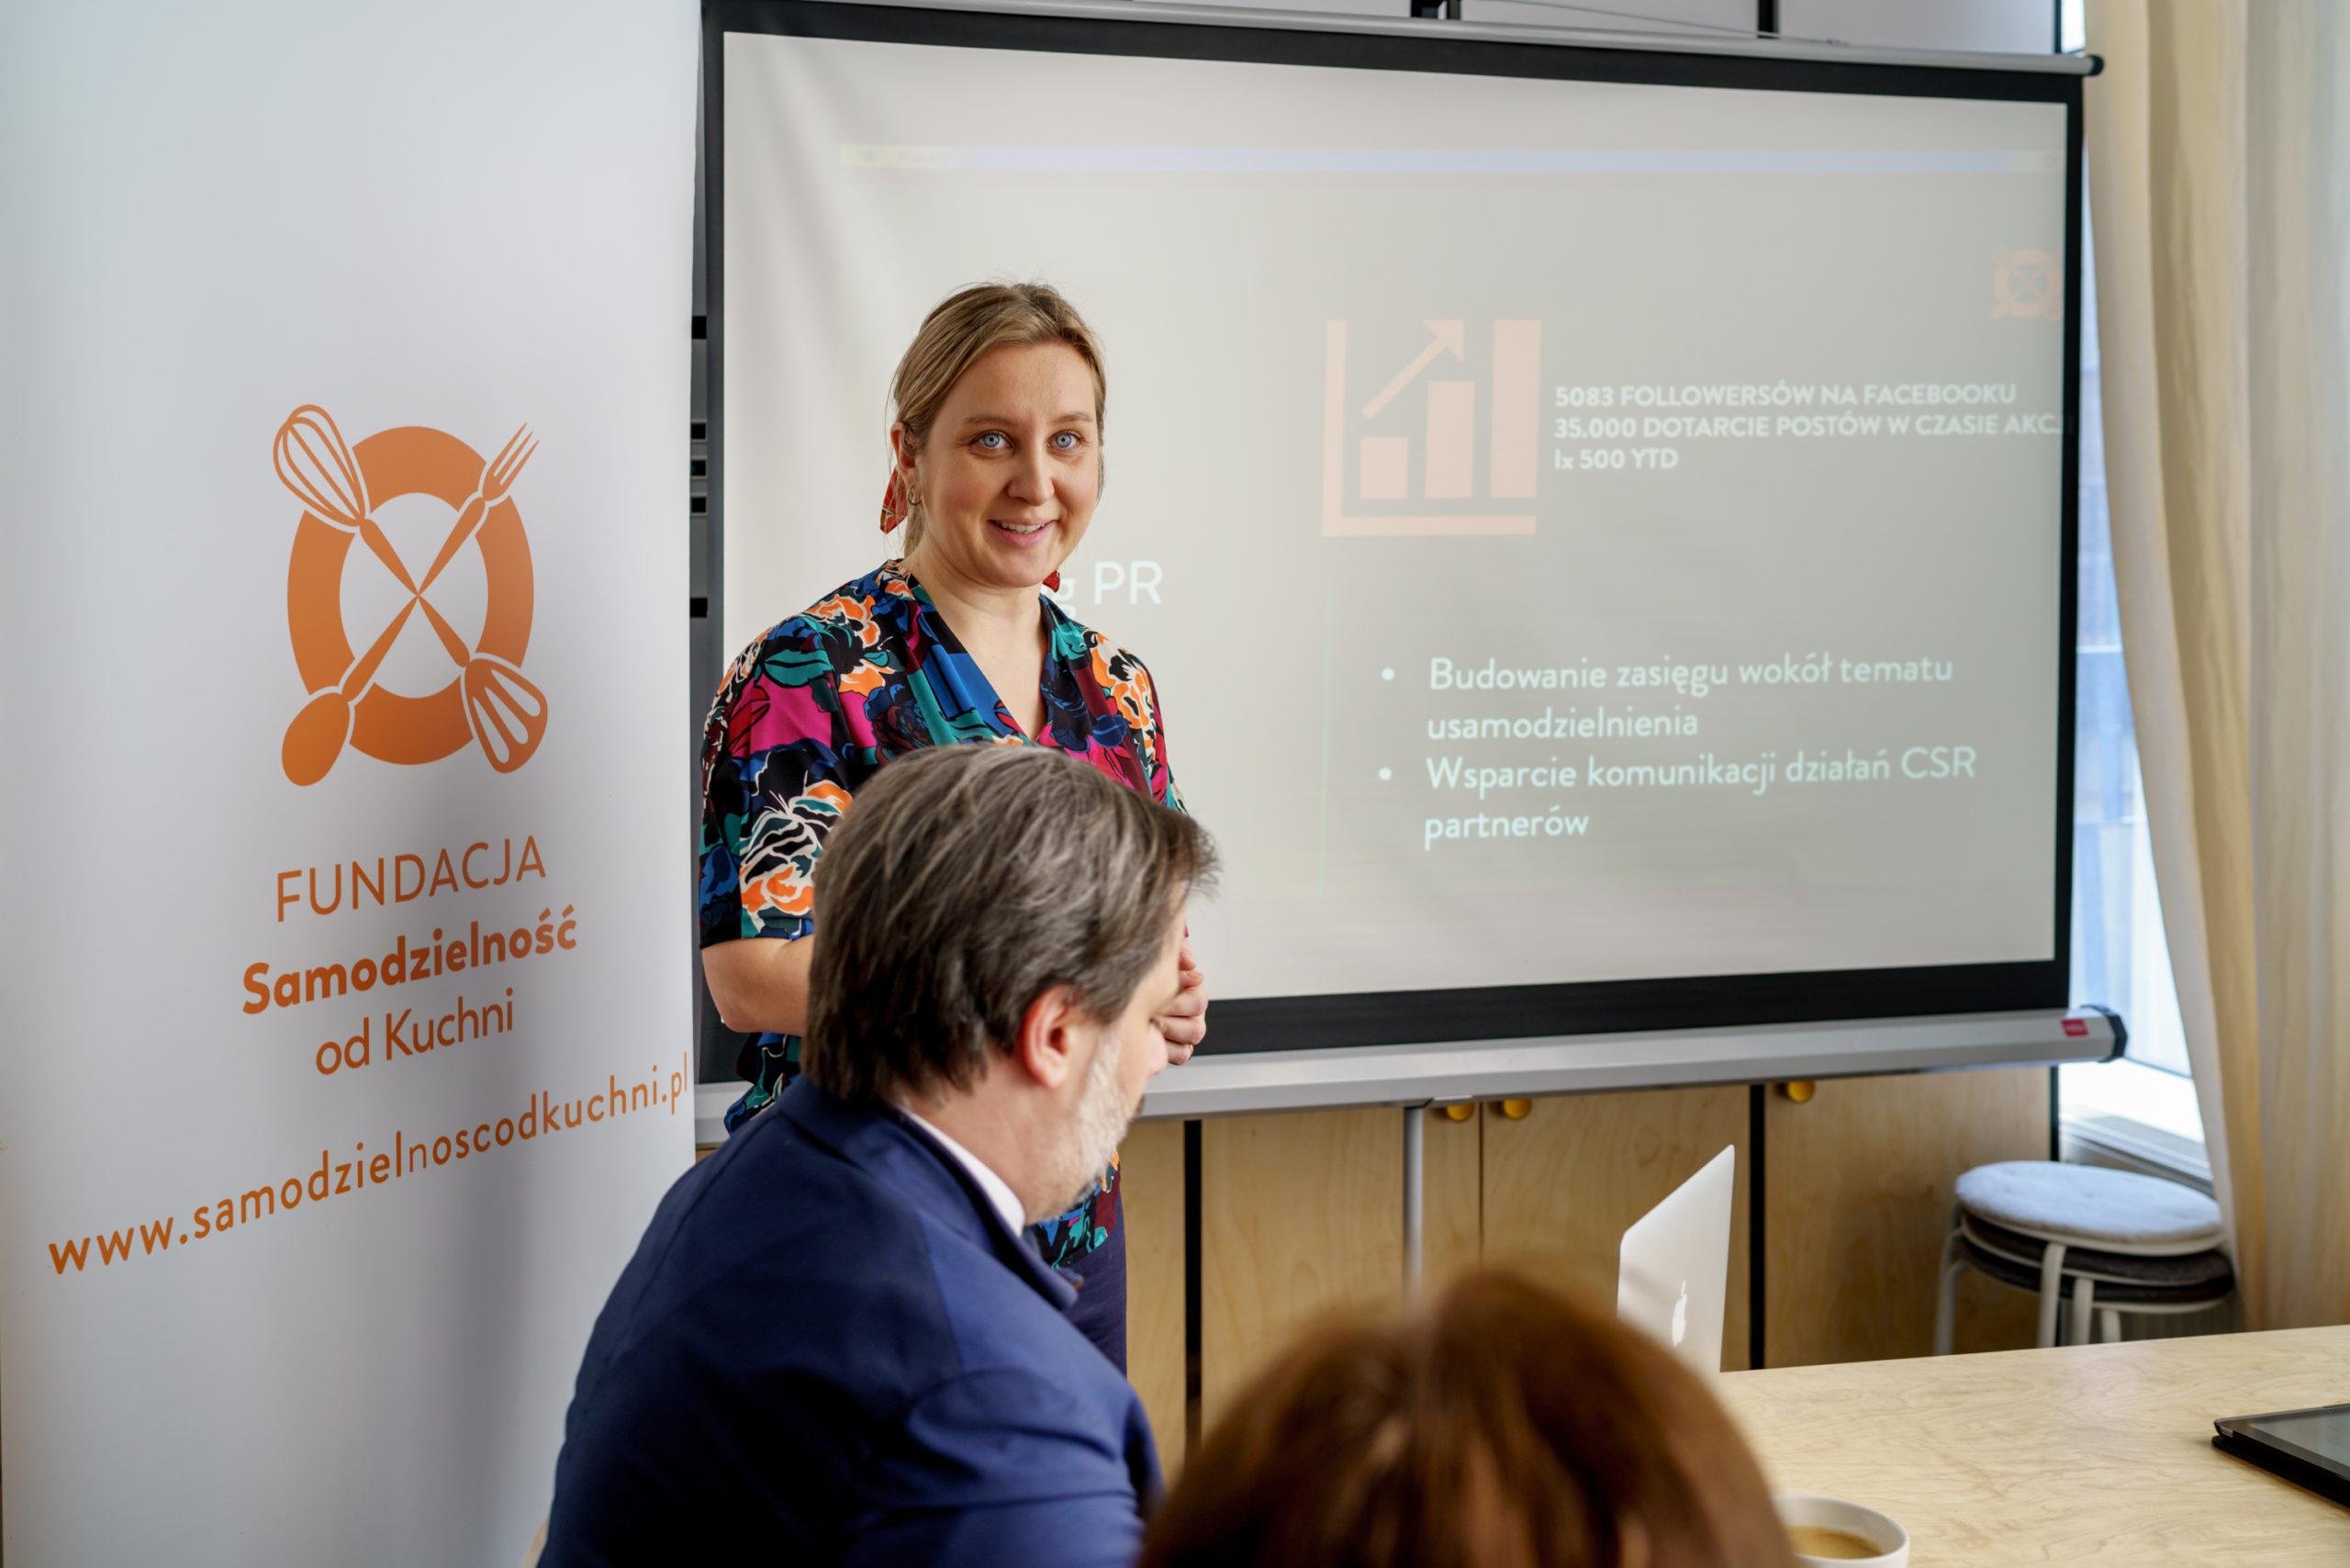 Iga Pietrusińska PR manager